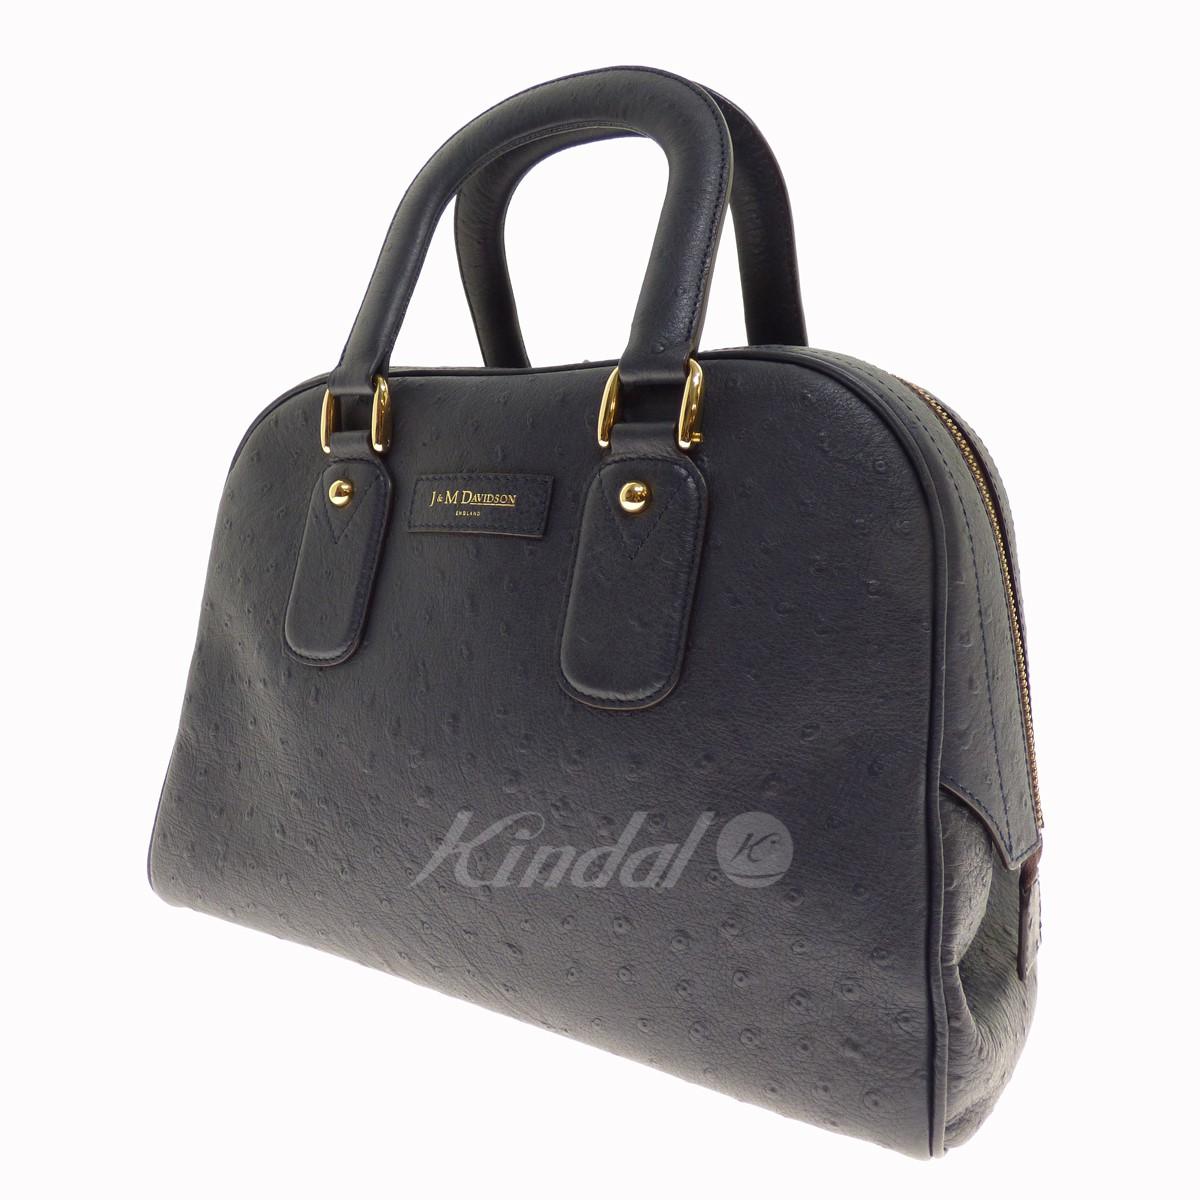 【中古】J&M Davidson オーストリッチハンドバッグ 【送料無料】 【002893】 【KIND1327】